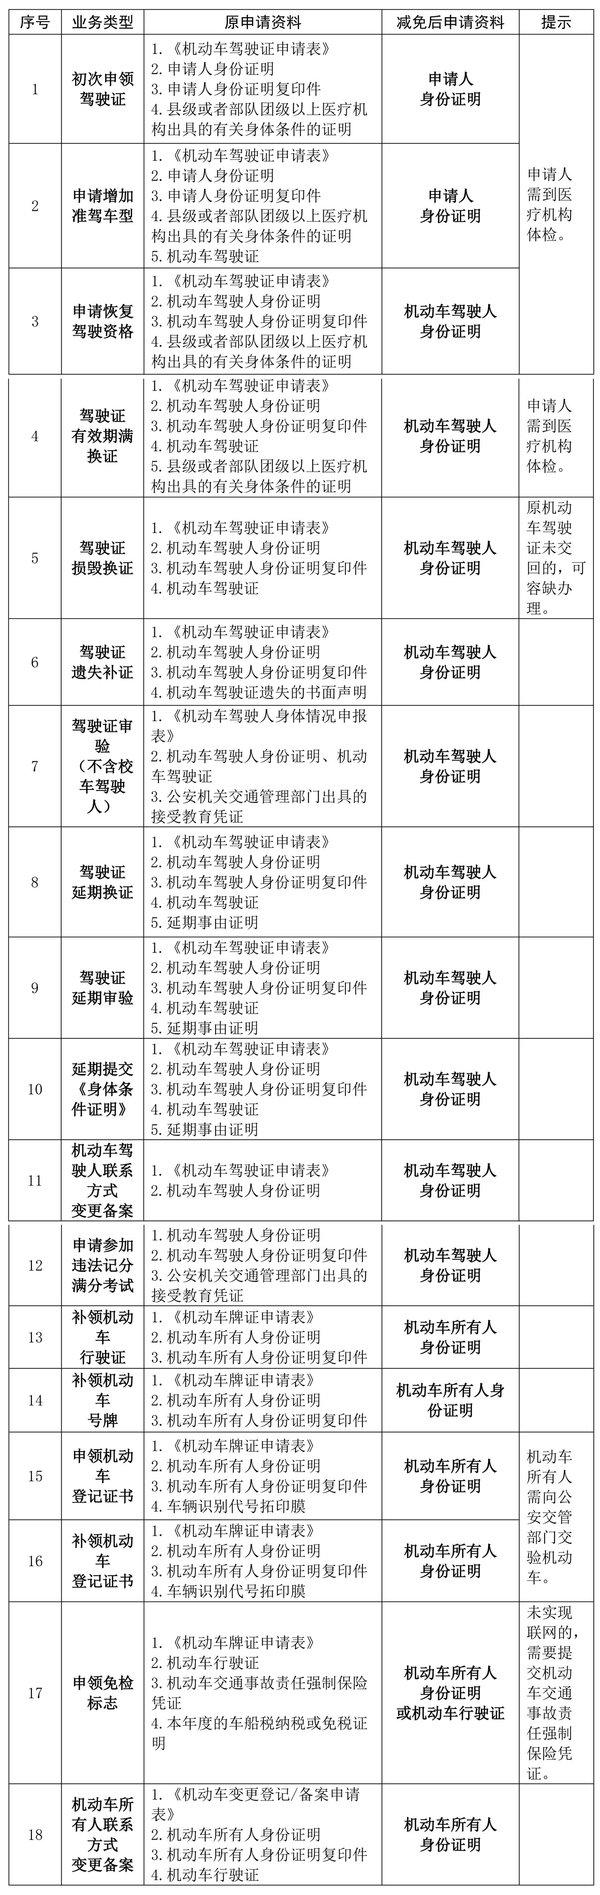 9月1日起全国彻底实现货车跨省异地年检